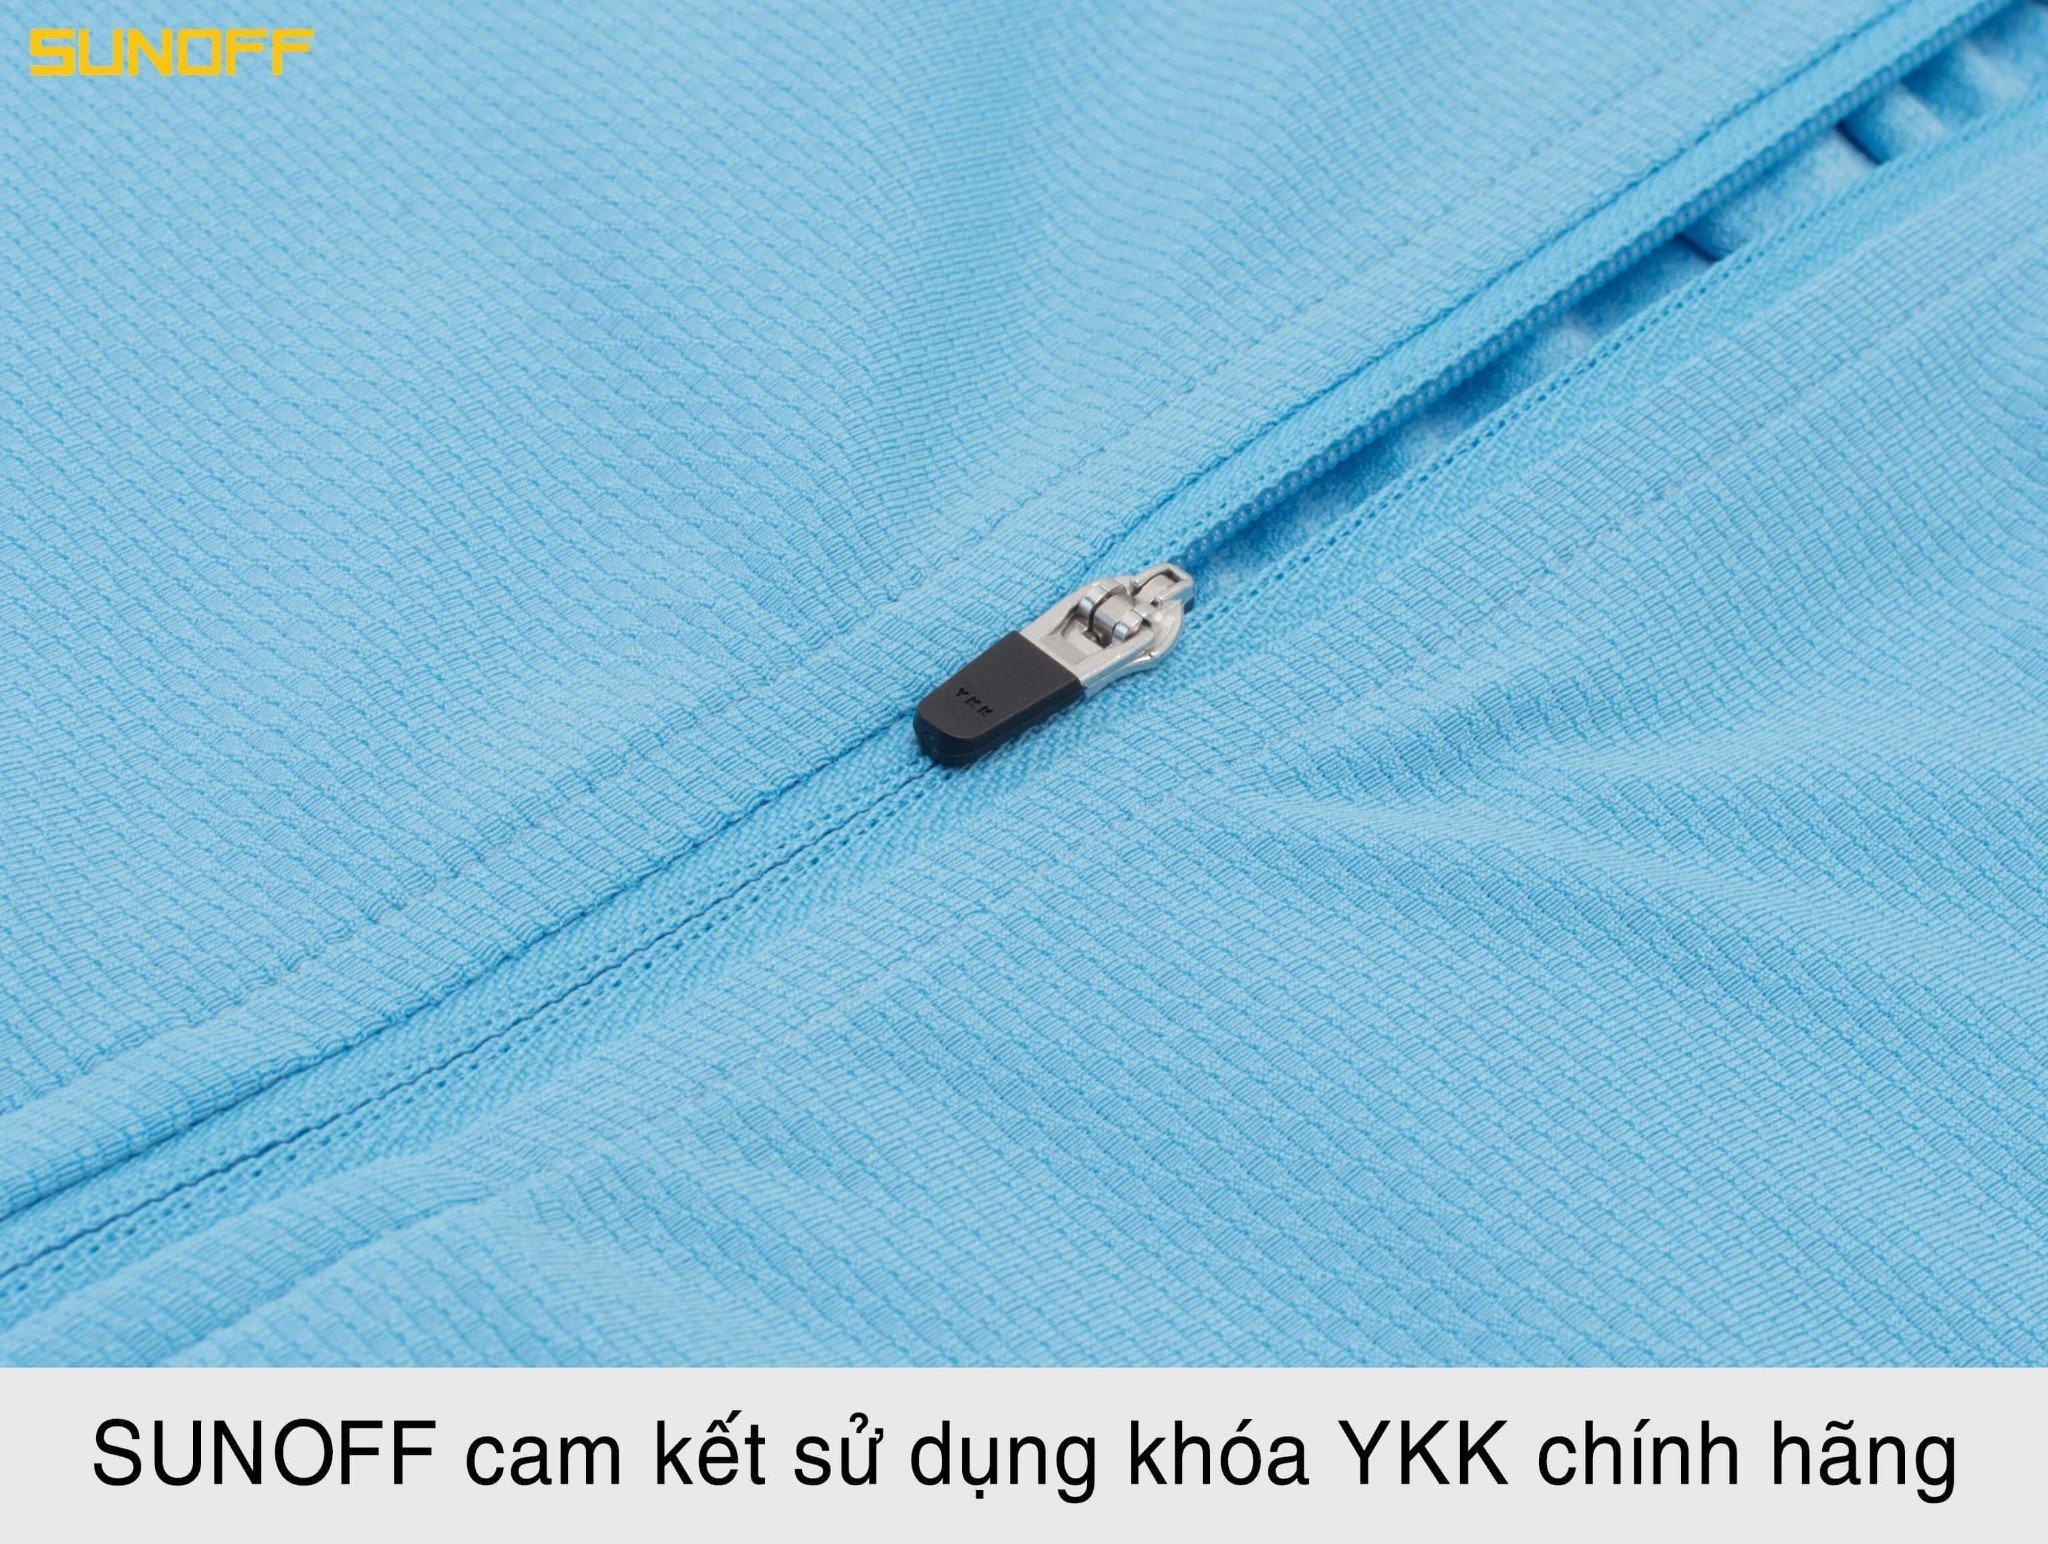 Tai-sao-ykk-day-khoa-tot-nhat-the-gioi (5).jpg